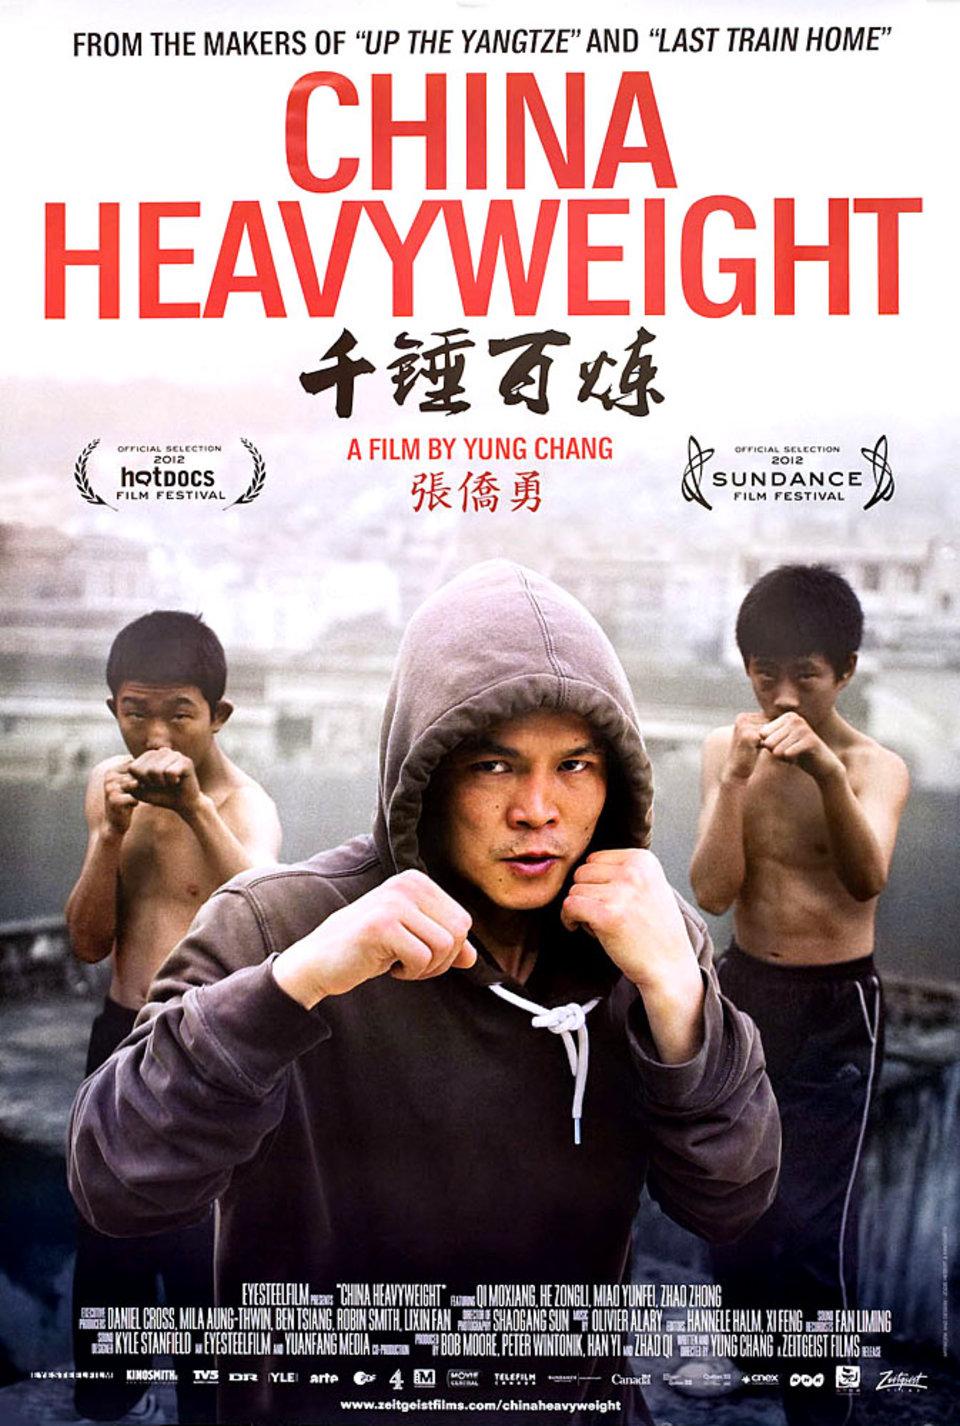 China Heavyweight 2012 U.S. One Sheet Poster